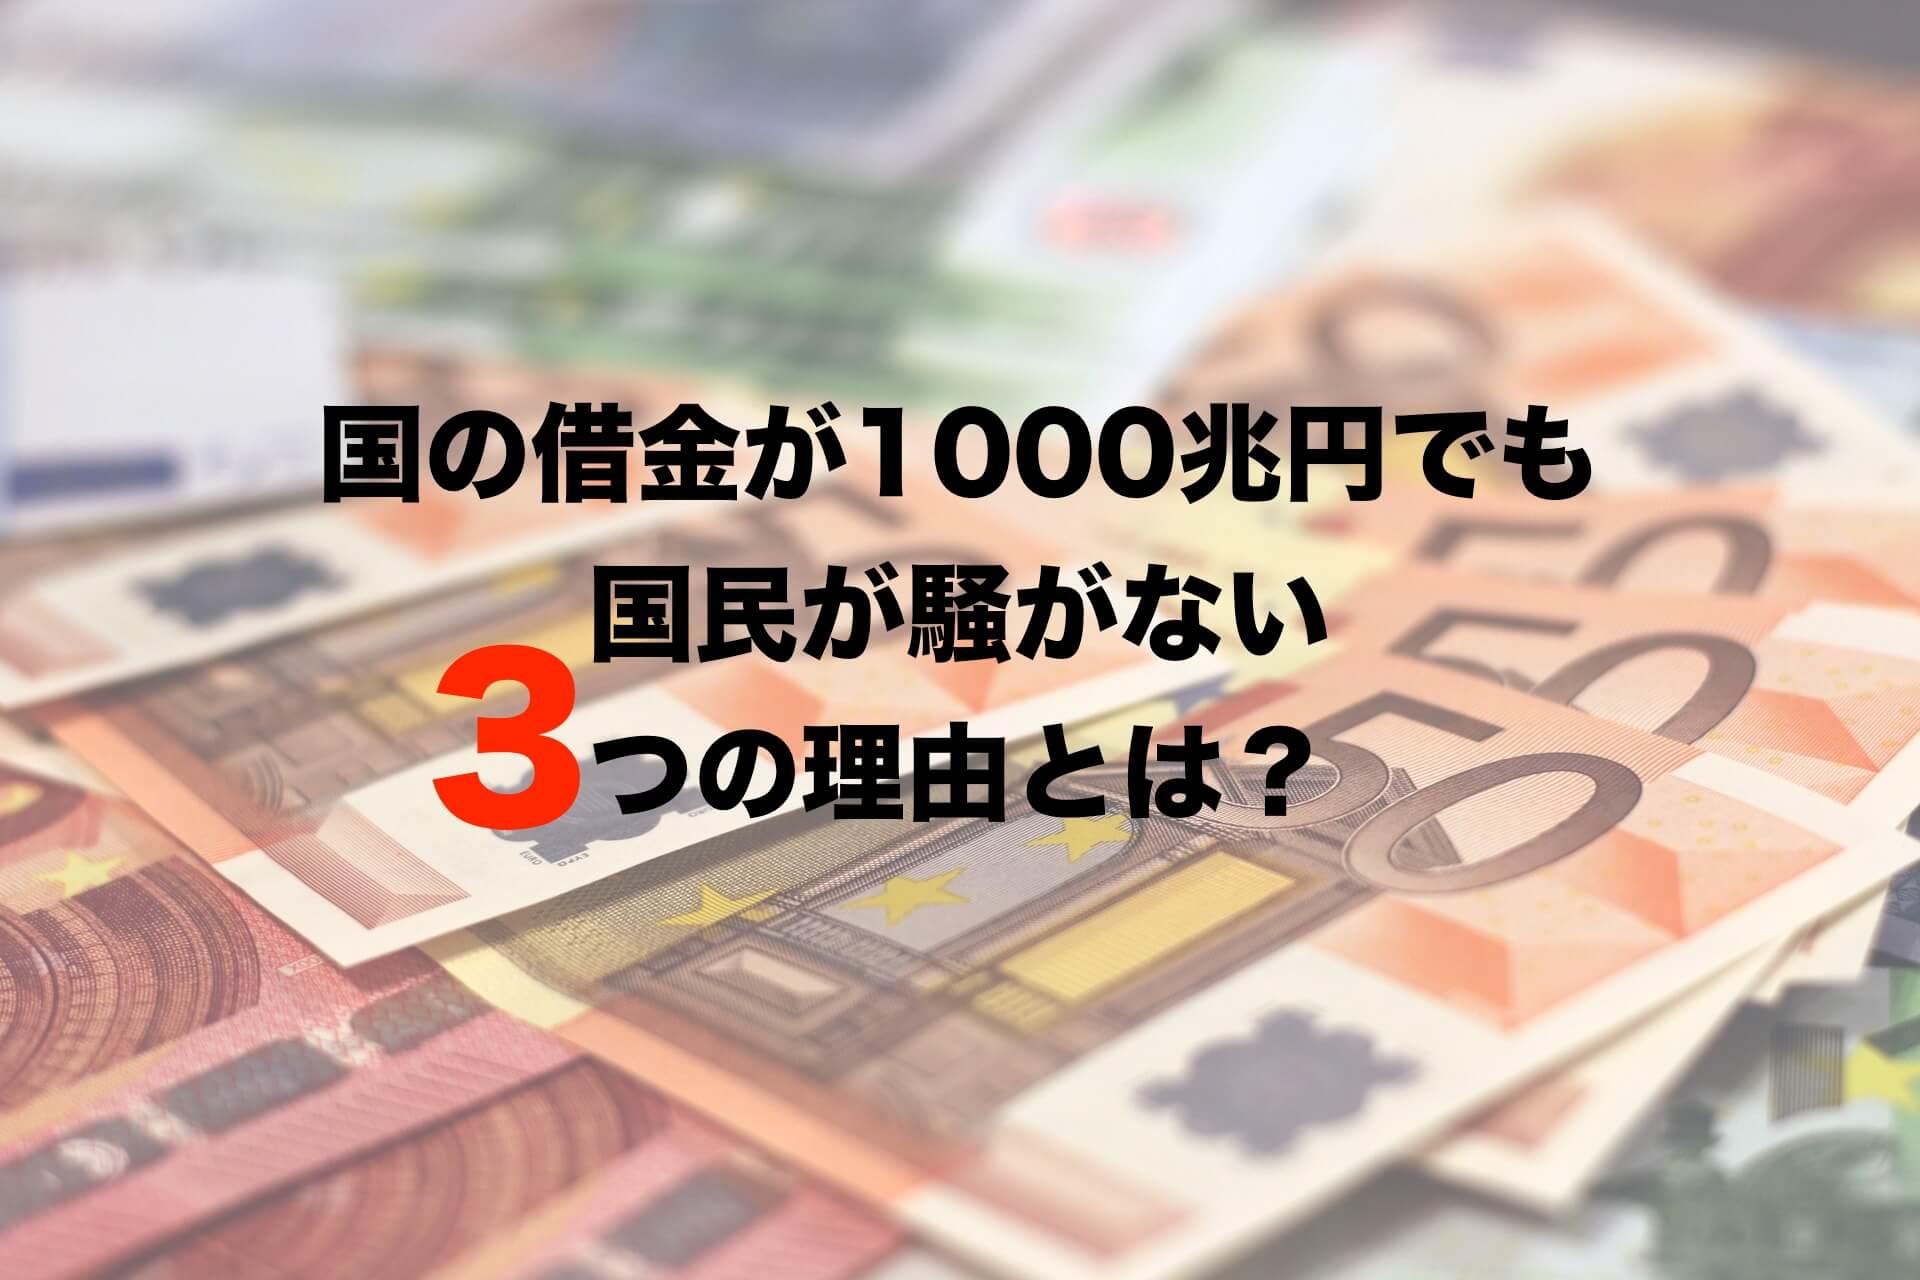 debt-1000